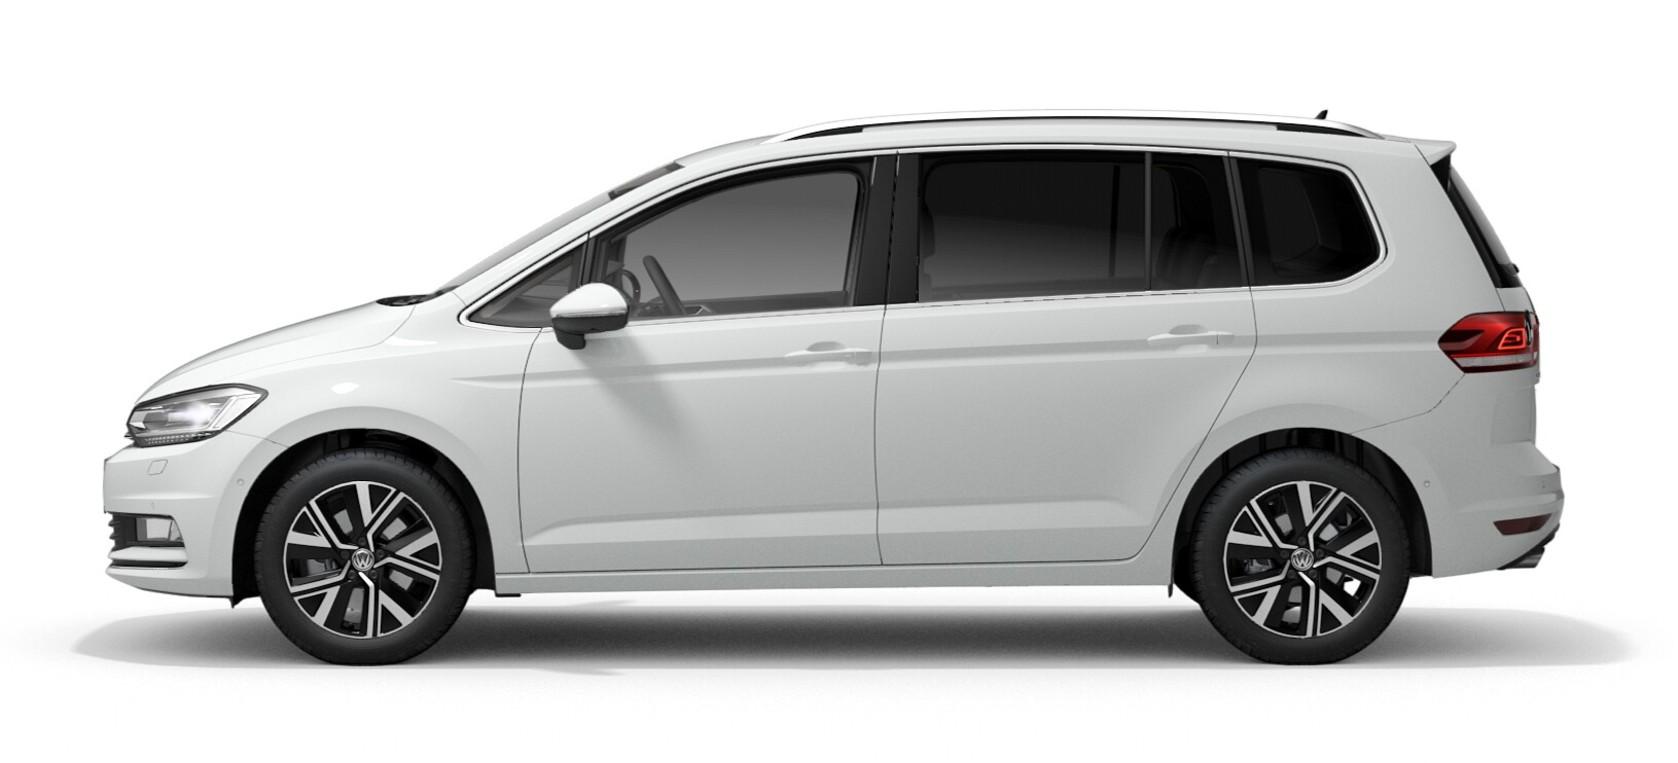 【限定車】クリーンディーゼルGolf Touran TDI Premiumの画像3